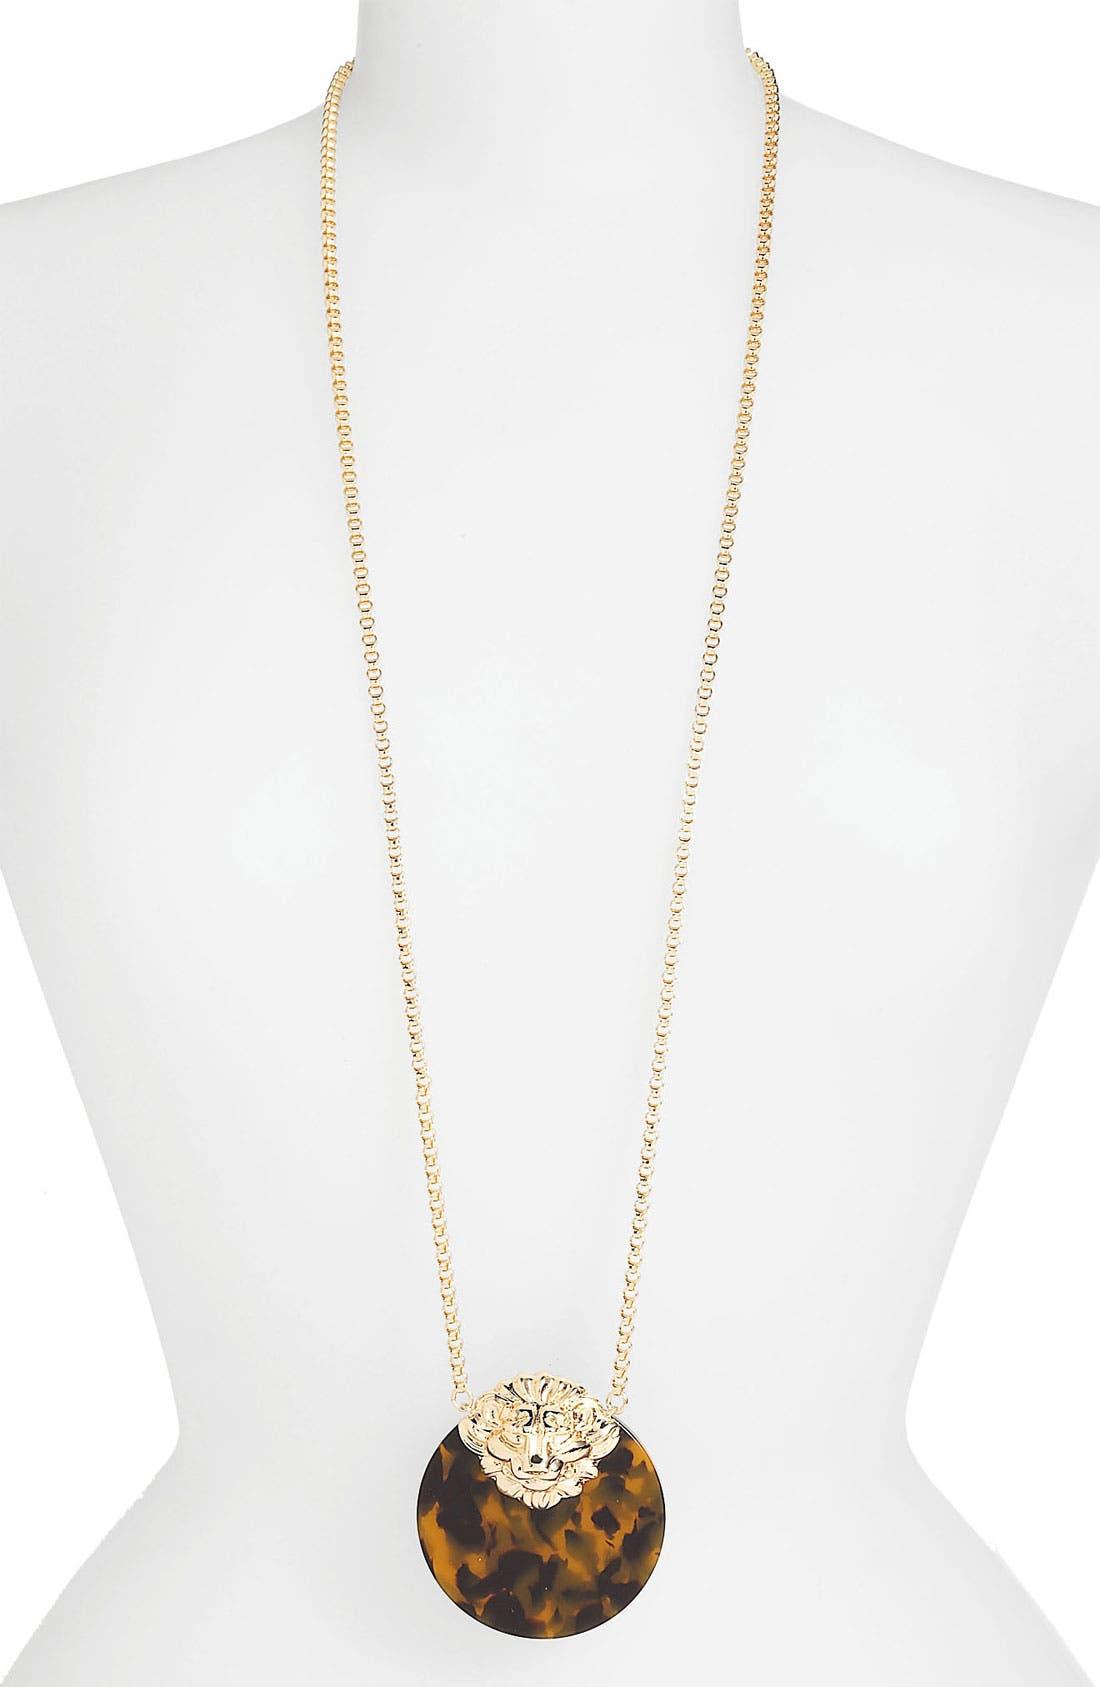 Main Image - Anne Klein Long Lion Head Pendant Necklace